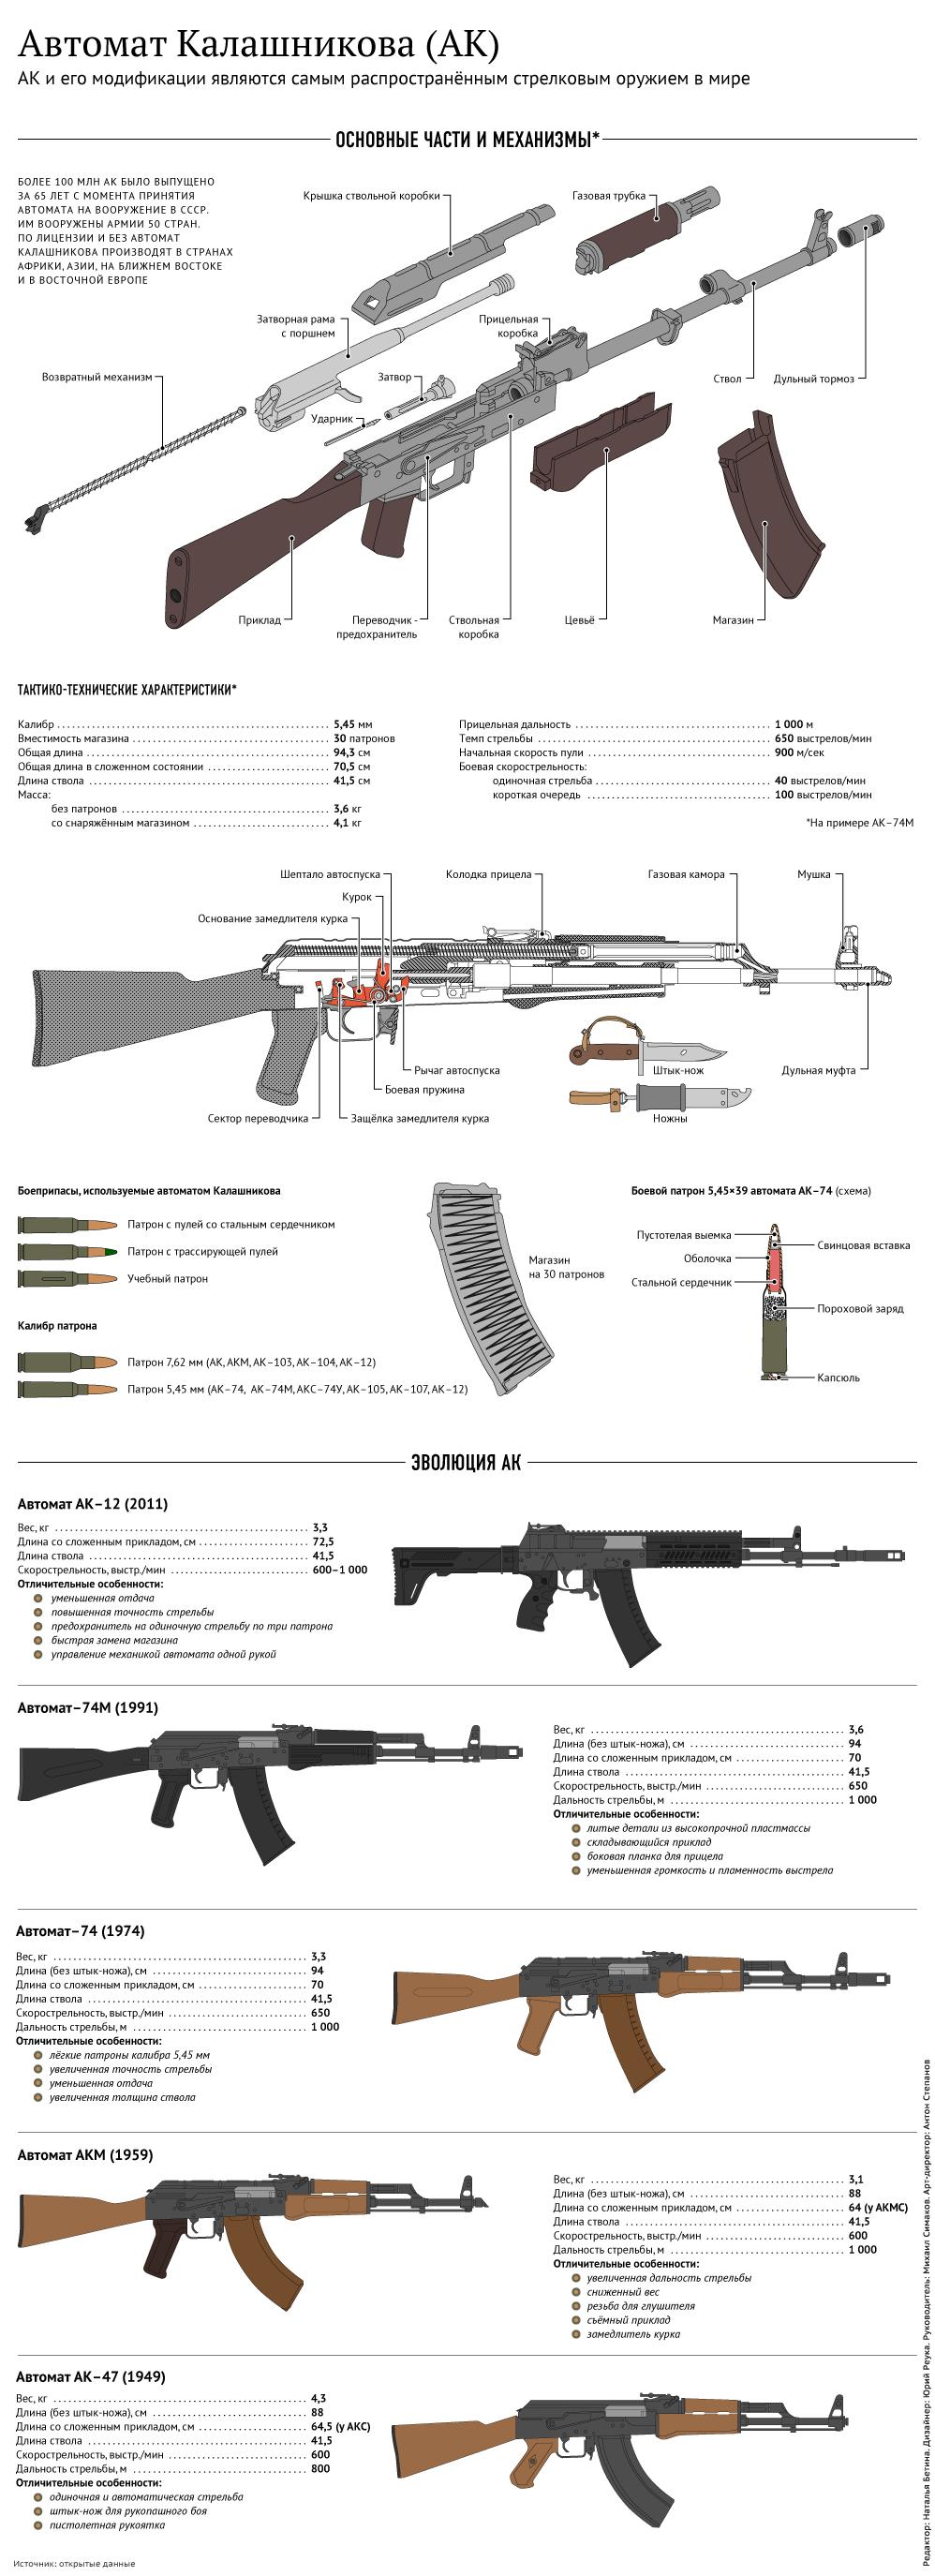 """Концерн """"Калашников"""" разработал новый автомат АК-308 в калибре 7,62 мм."""